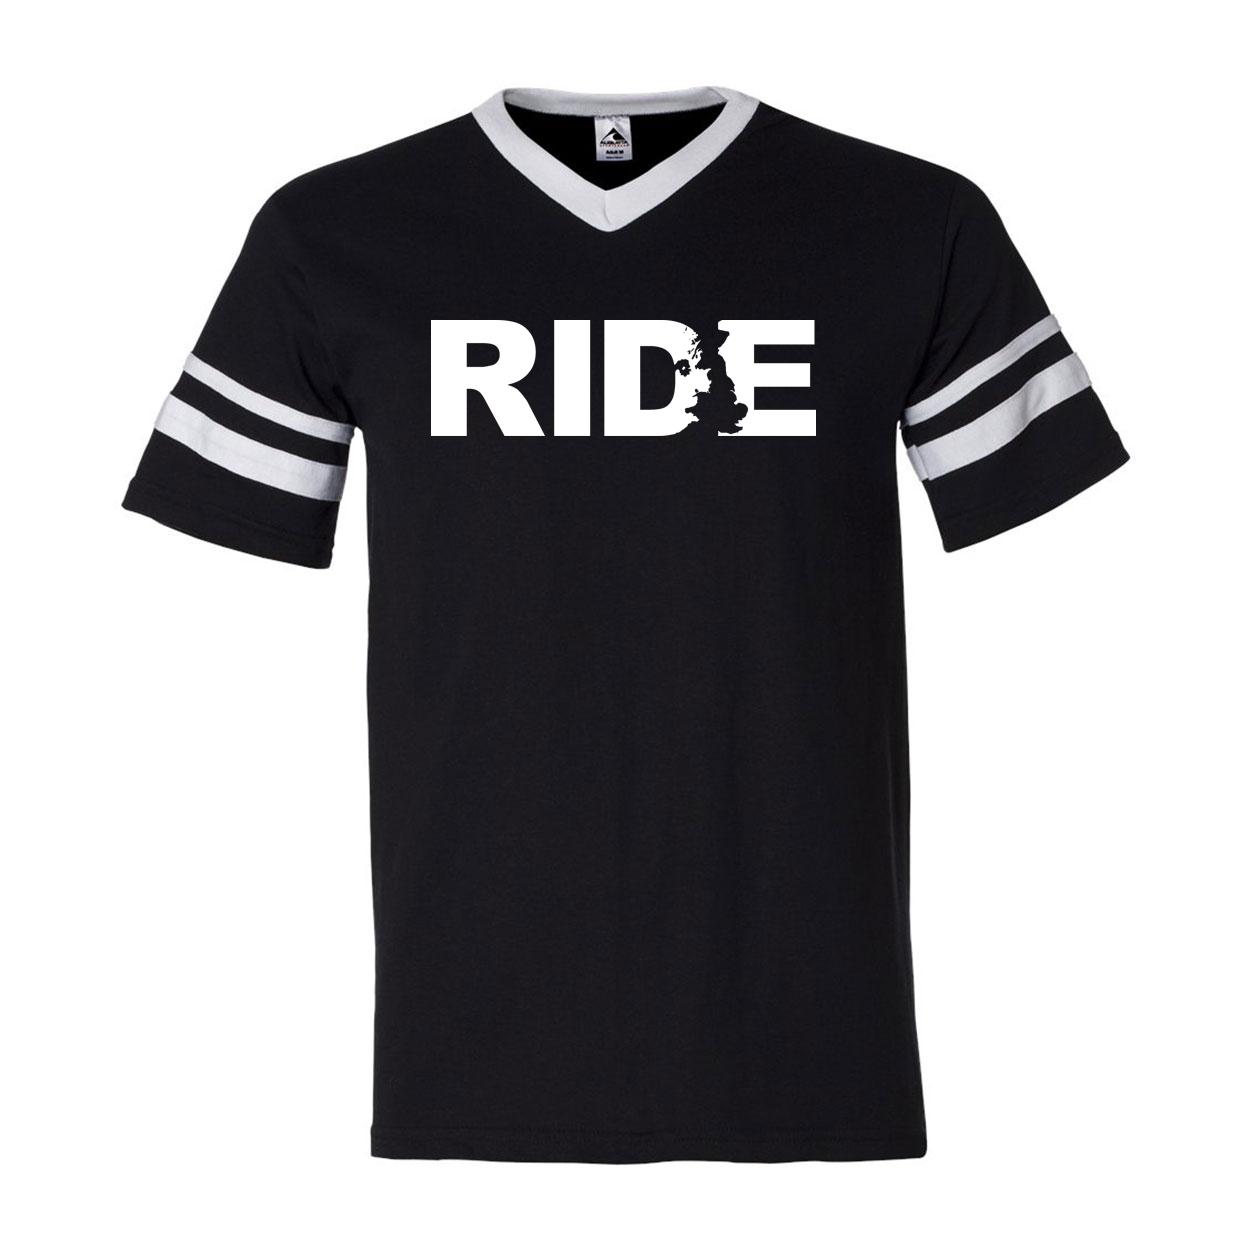 Ride United Kingdom Classic Premium Striped Jersey T-Shirt Black/White (White Logo)